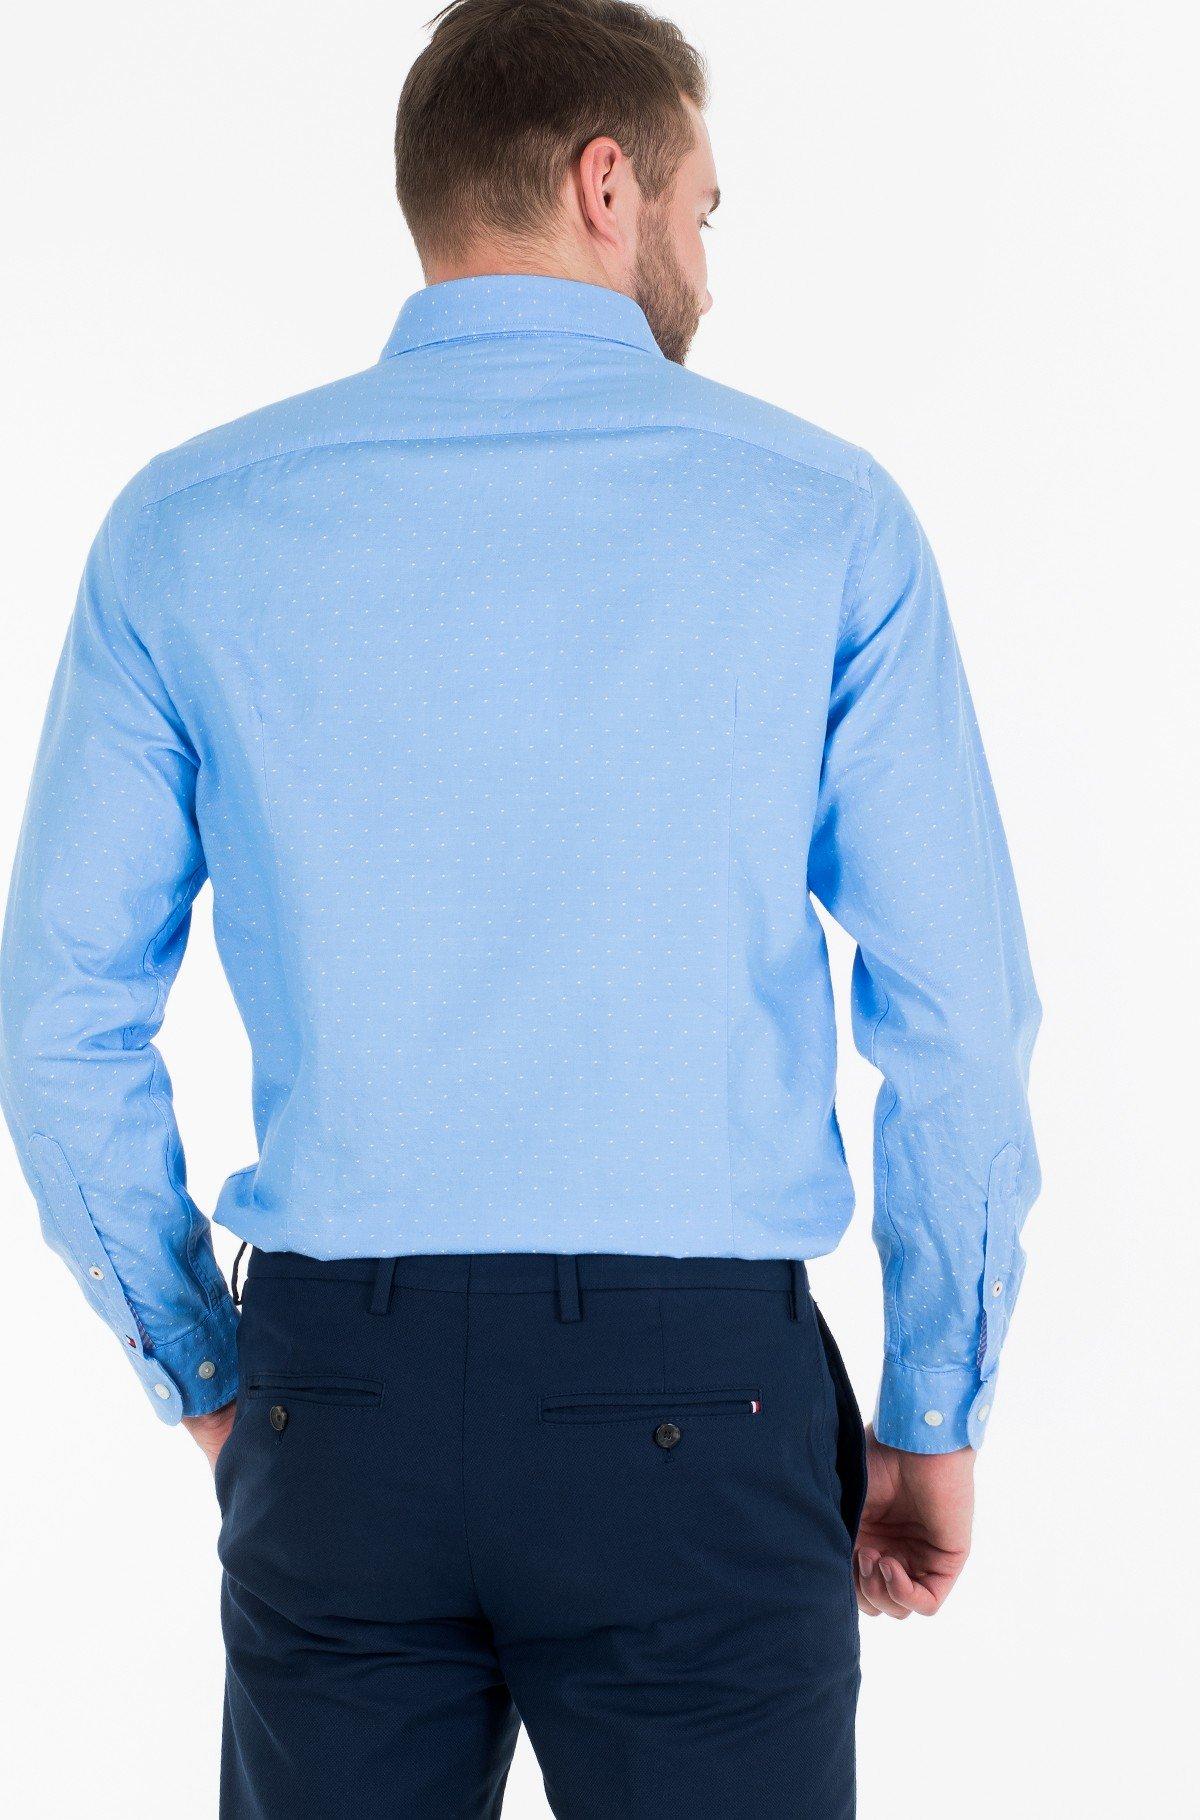 Marškiniai TWO TONE DOBBY SHIRT-full-3